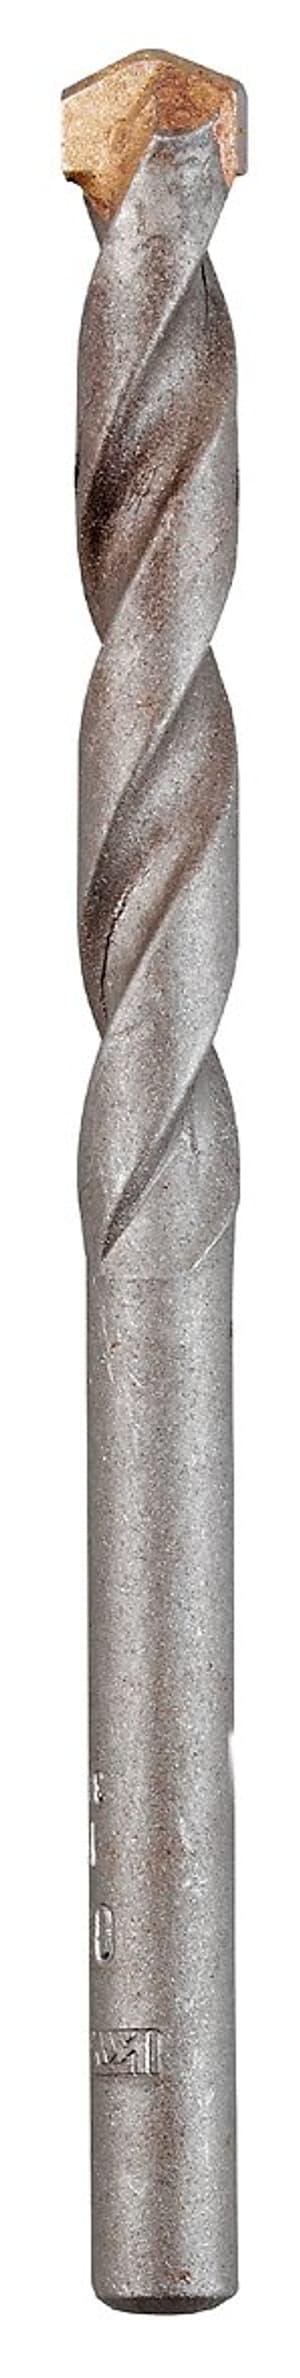 Steinbohrer, 120/70 mm, ø 8 mm